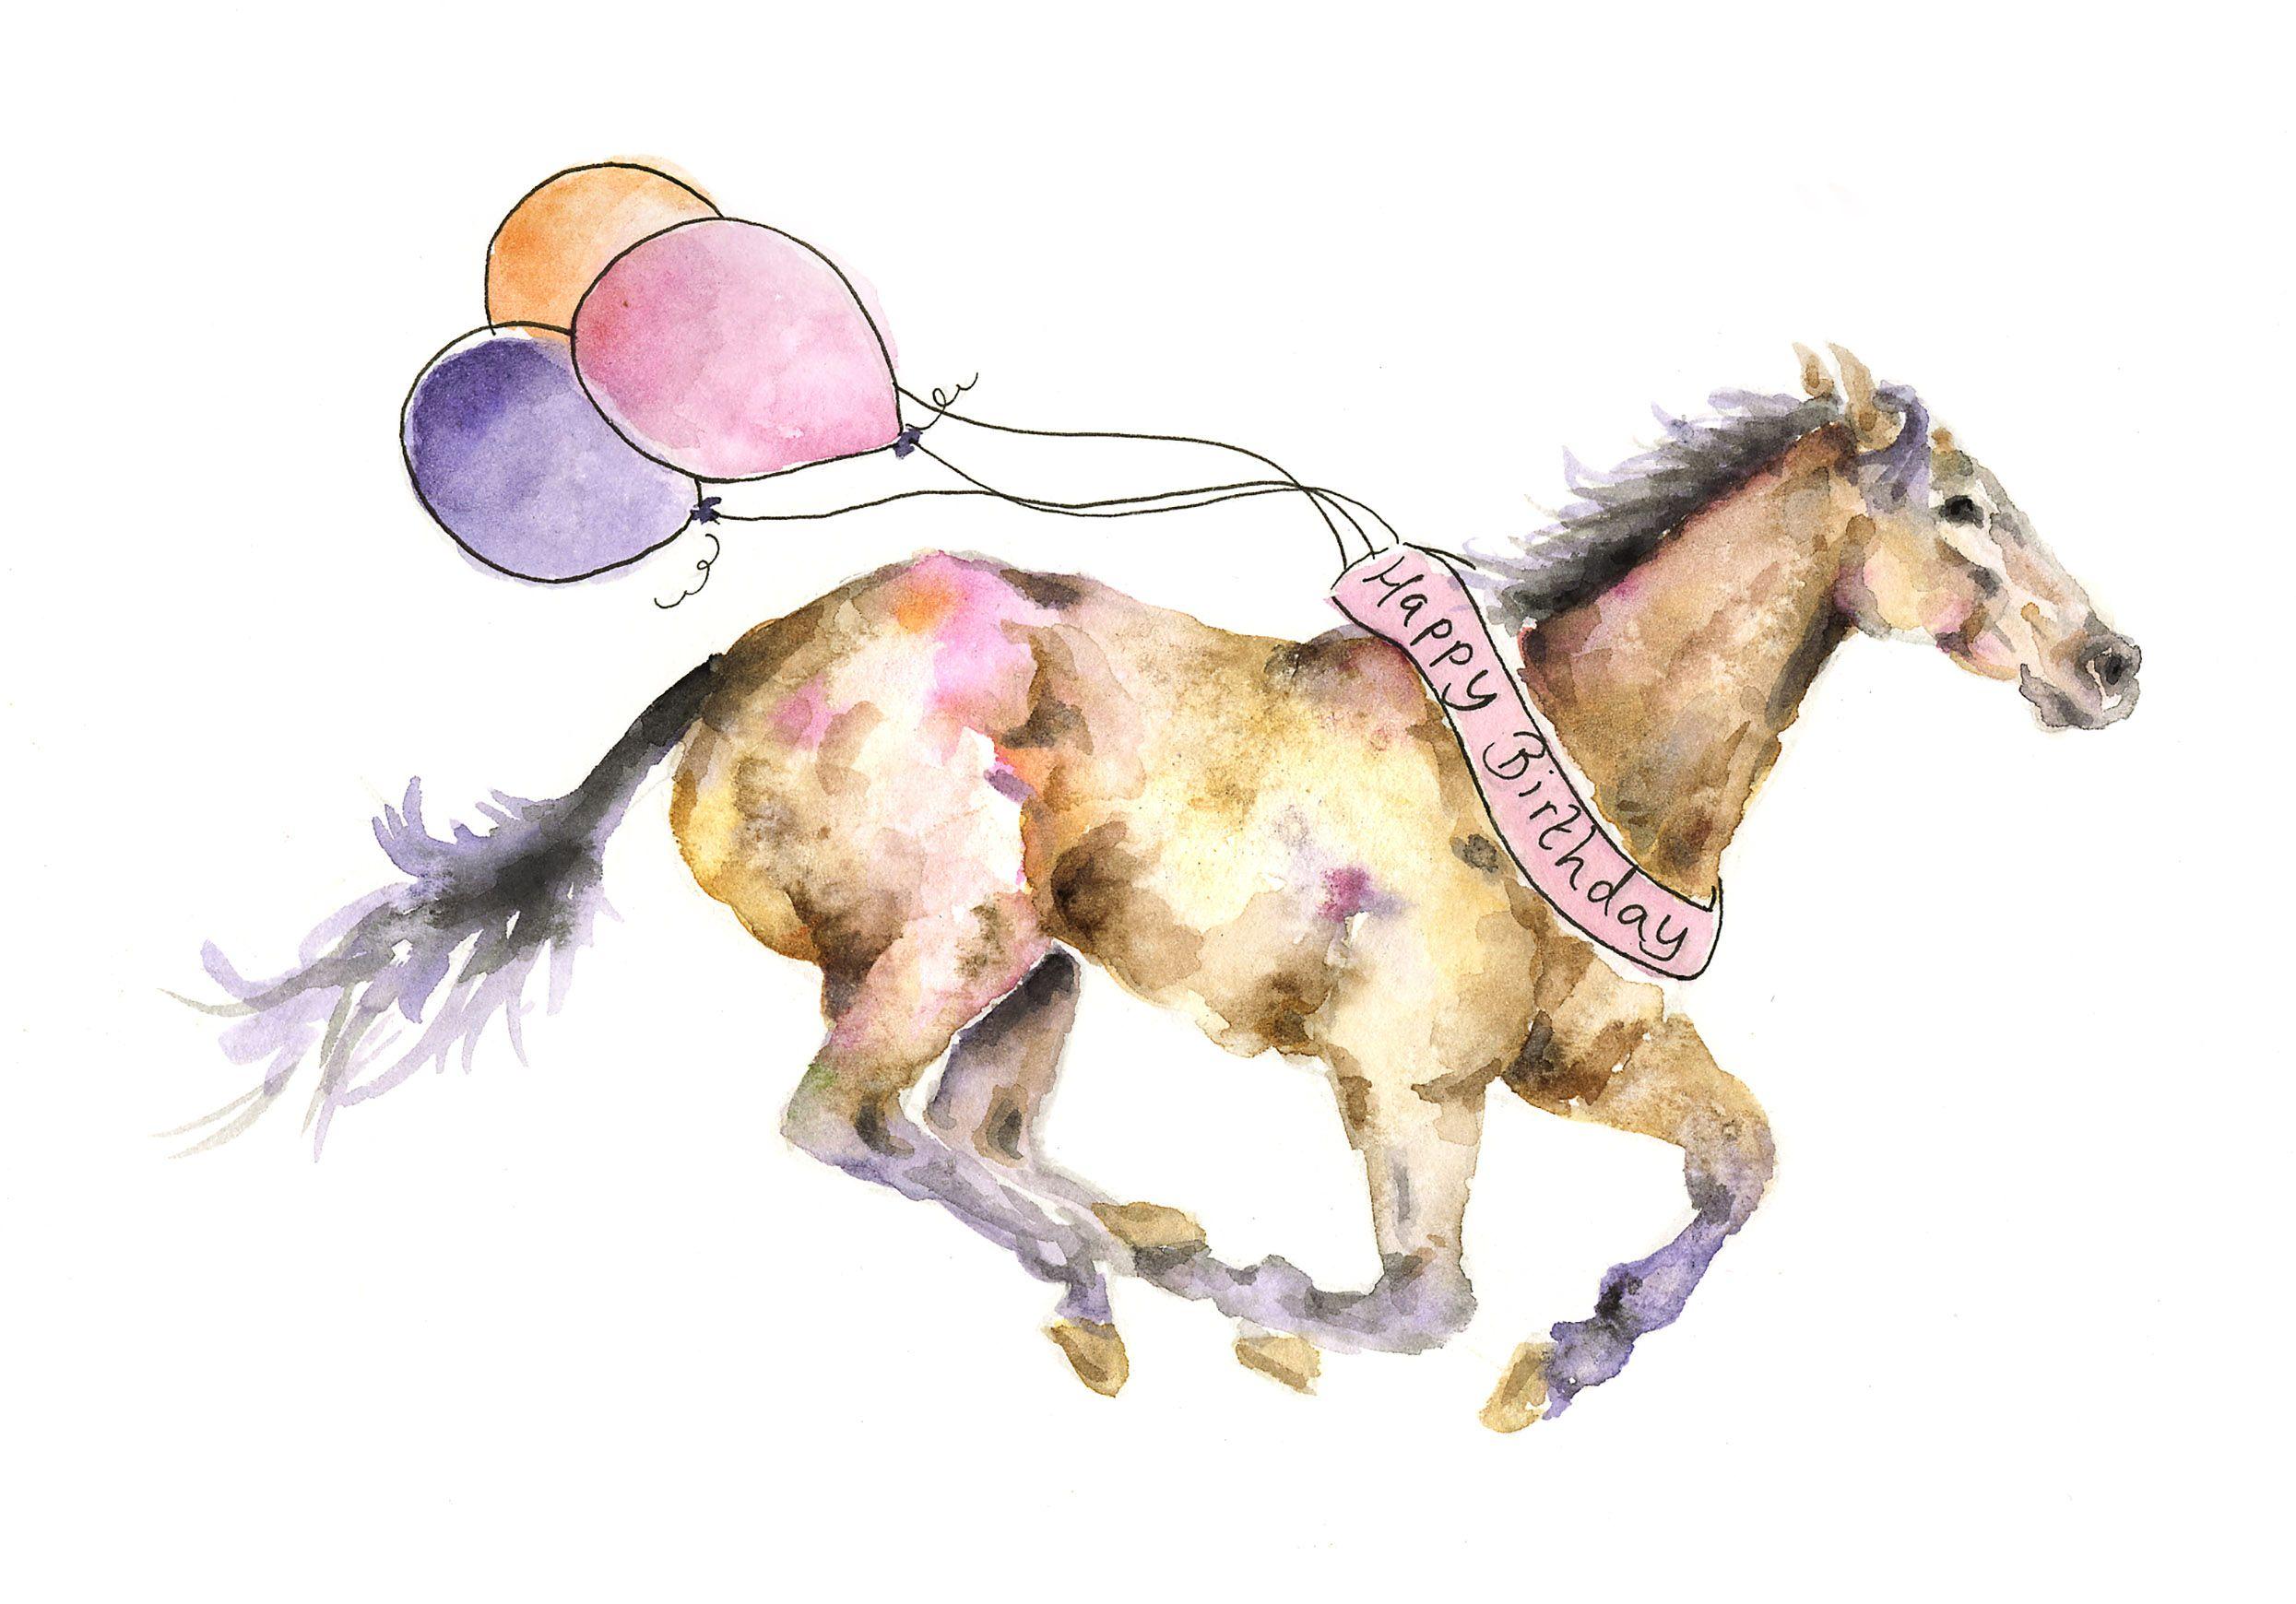 Картинки кладбища, картинки лошади поздравления с днем рождения